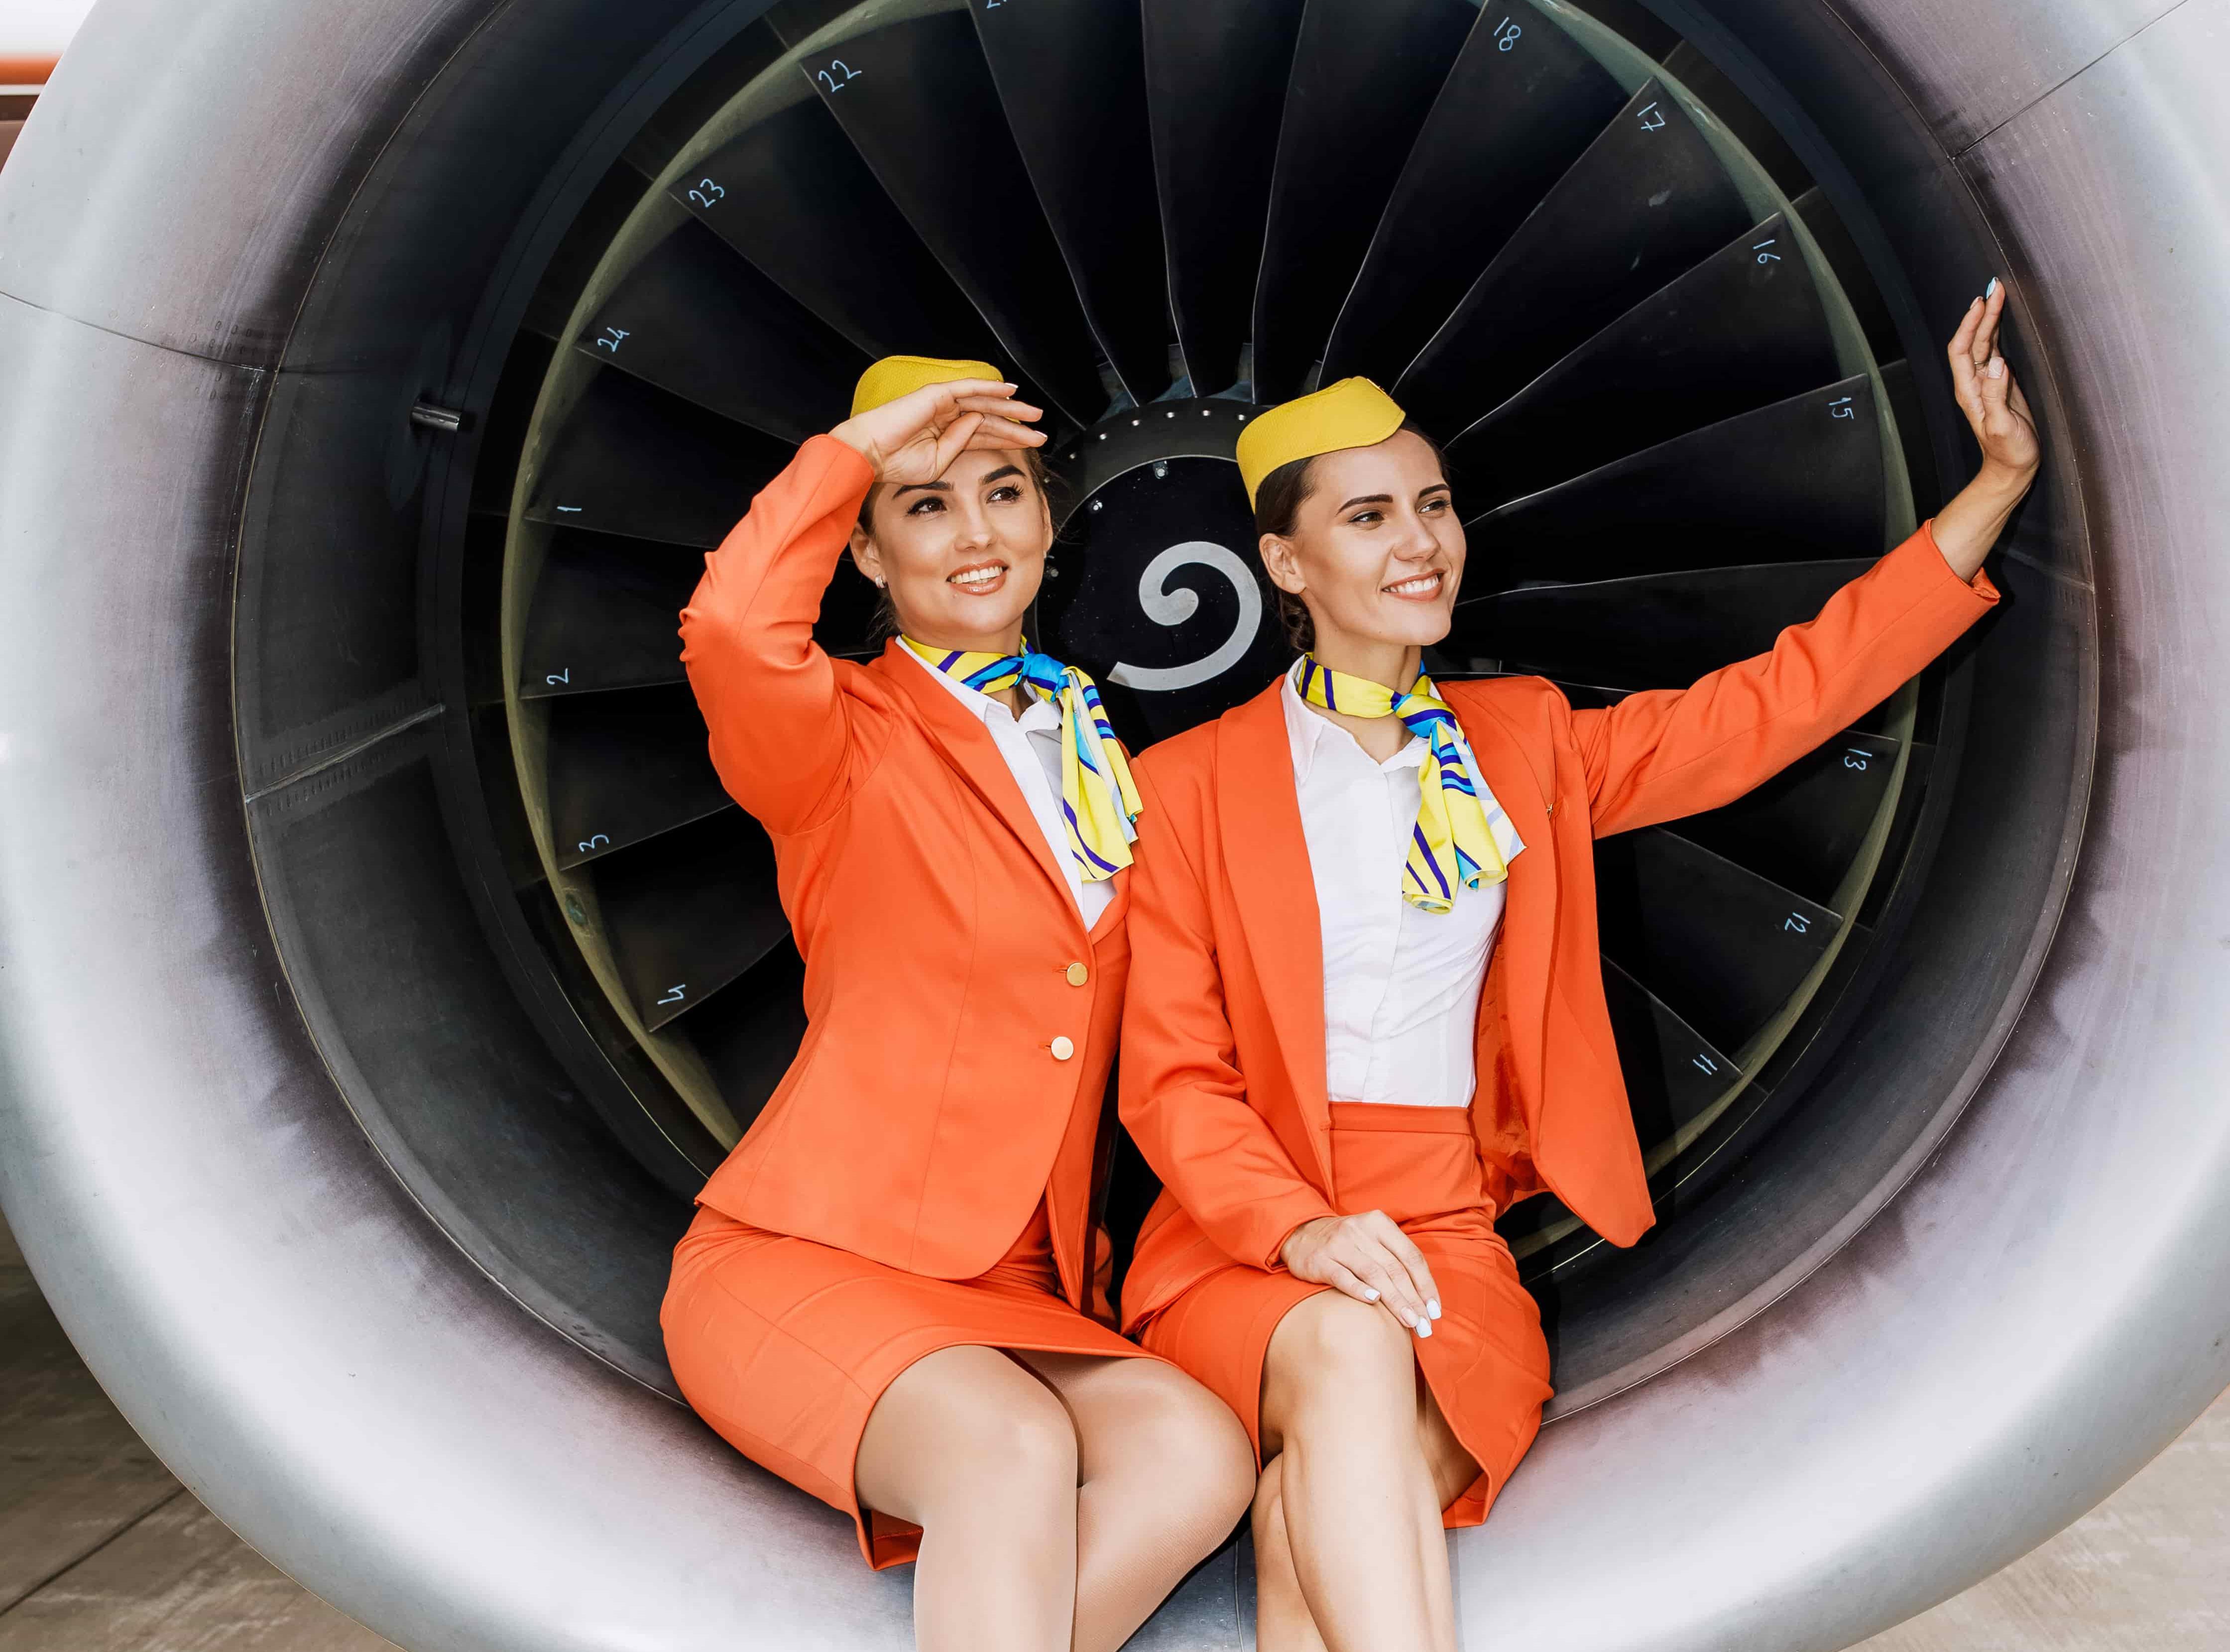 skyup-airlines-pochinaye-prodazh-kvitkiv-zimovoyi-polotnoyi-programi